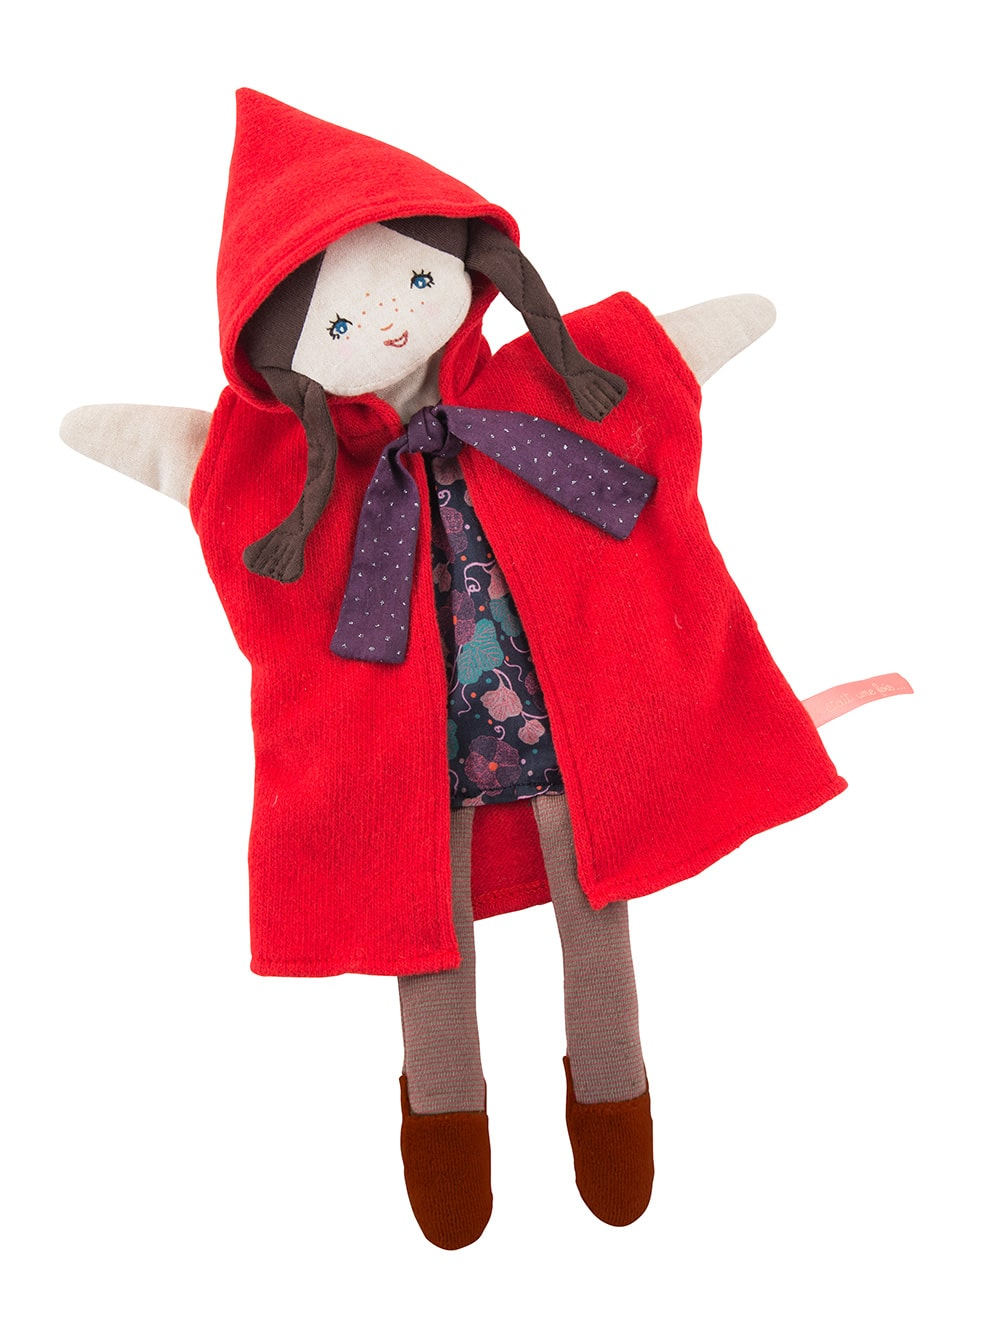 Il etait une fois - Little Red Riding Hood puppet